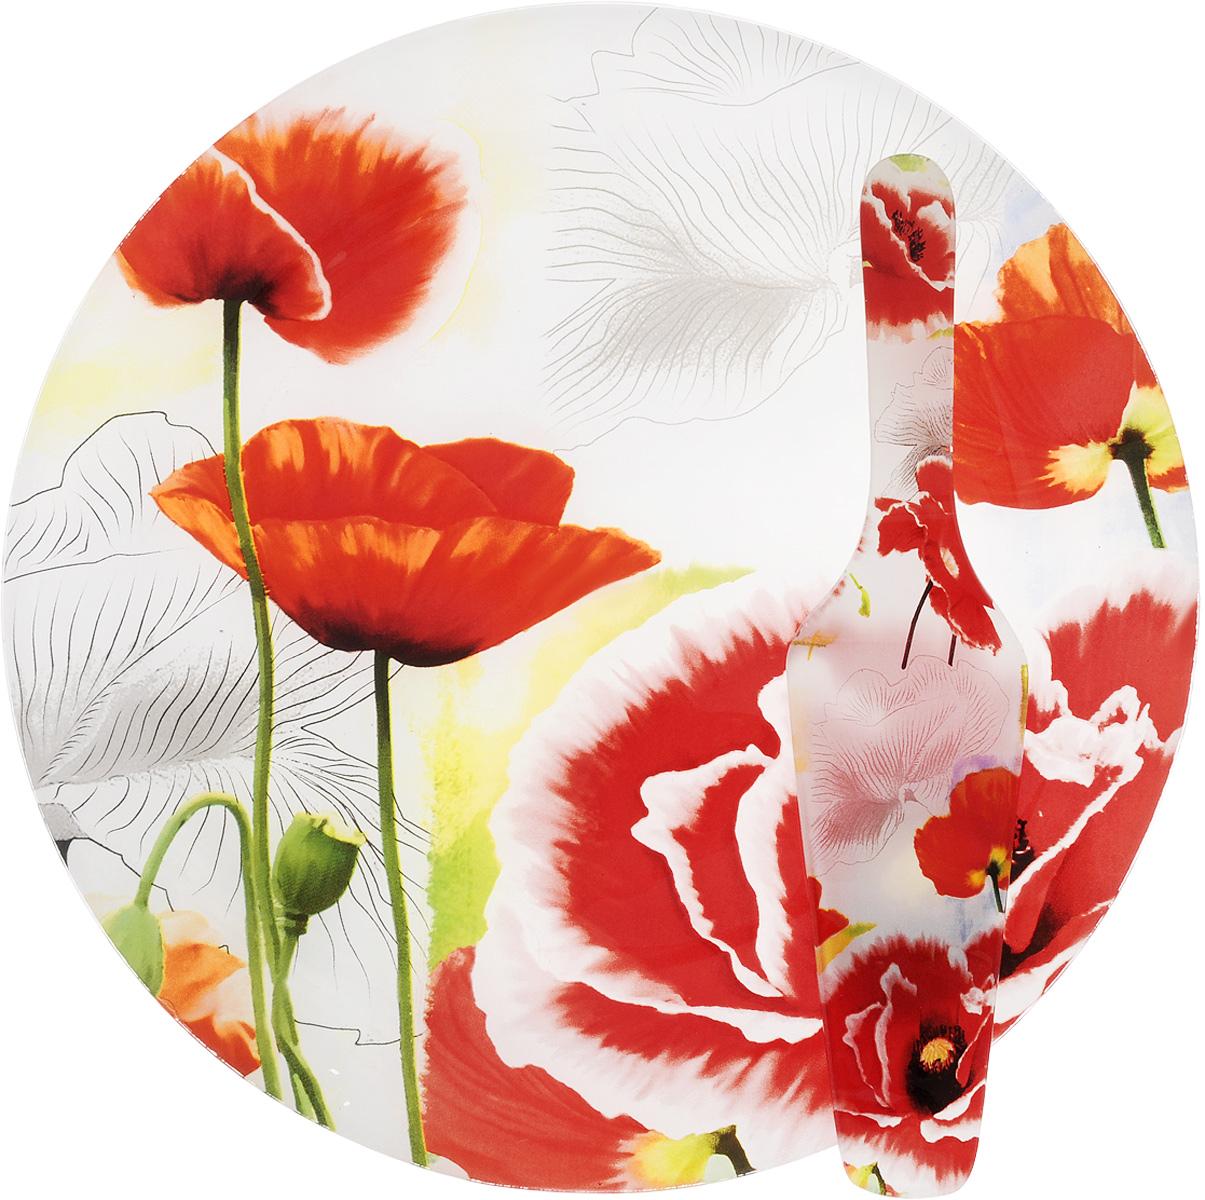 Блюдо для торта Loraine, с лопаткой, диаметр 30 см. 2390123901Блюдо для торта Loraine выполнено из стекла с оригинальным изображением маков. Посуда обладает гладкой непористой поверхностью и не впитывает запахи, ее легко и просто мыть. Изящный дизайн и красочность оформления придутся по вкусу и ценителям классики, и тем, кто предпочитает утонченность и изысканность. В комплекте также предусмотрена лопатка. Такой набор послужит отличным подарком к любому празднику, а также добавит элегантности любому праздничному столу. Размер лопатки: 26 х 6 х 3 см.